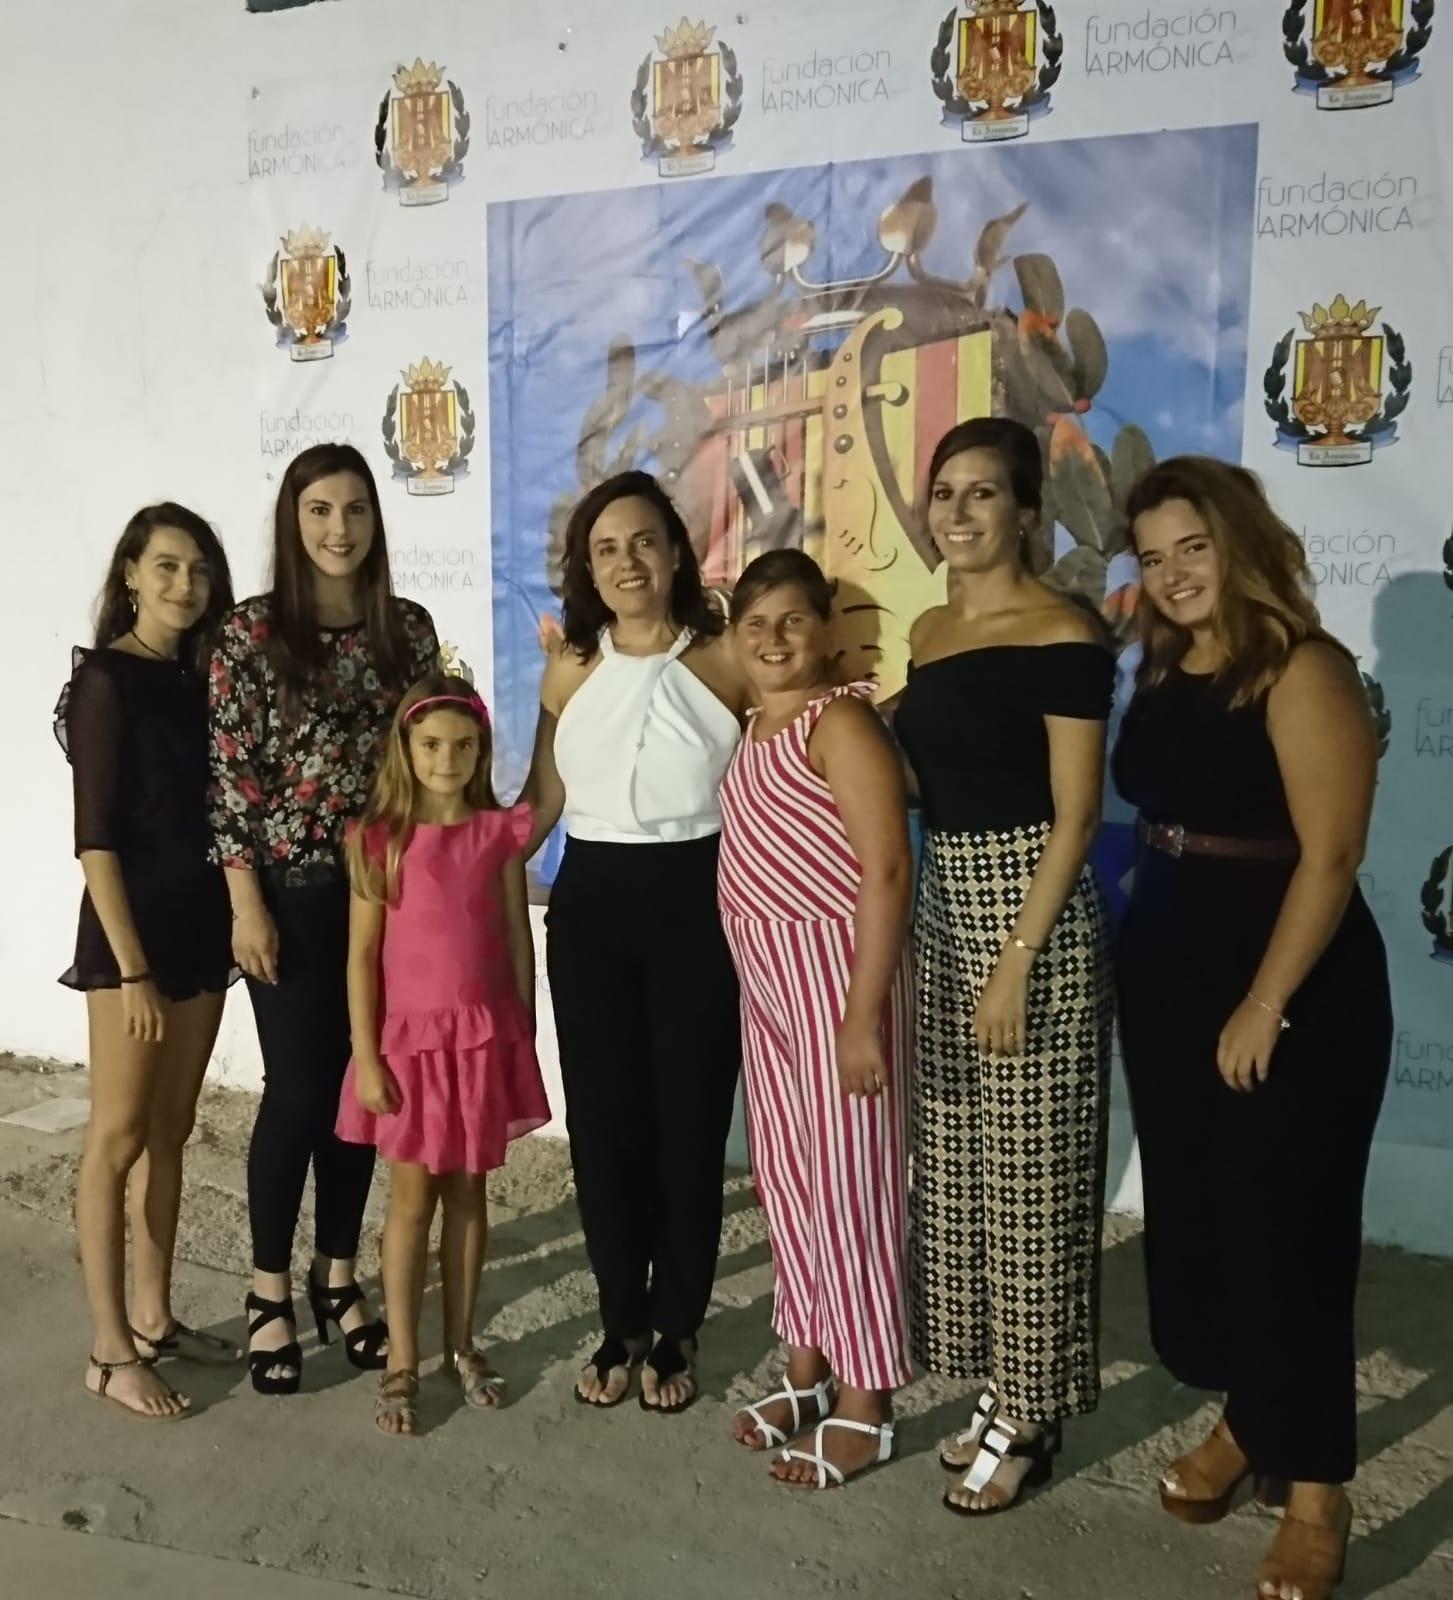 El próximo sábado 3 de agosto tendrá lugar la presentación y exaltación de las Misses y Representante de El Litro.